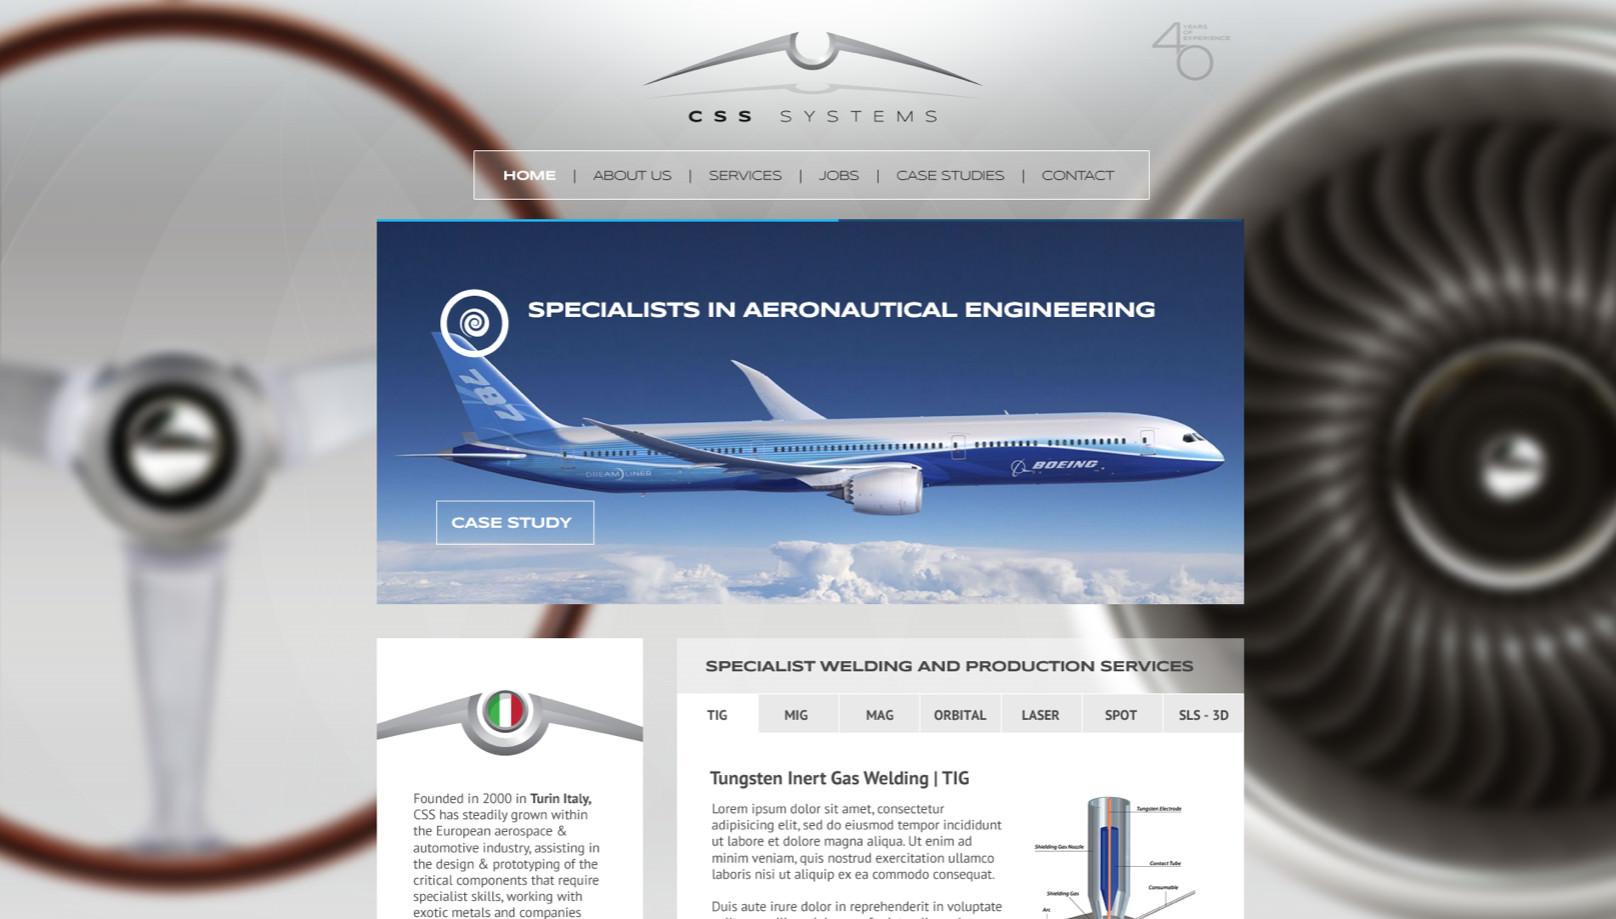 idac-media-website-gallery-shot-44.jpg